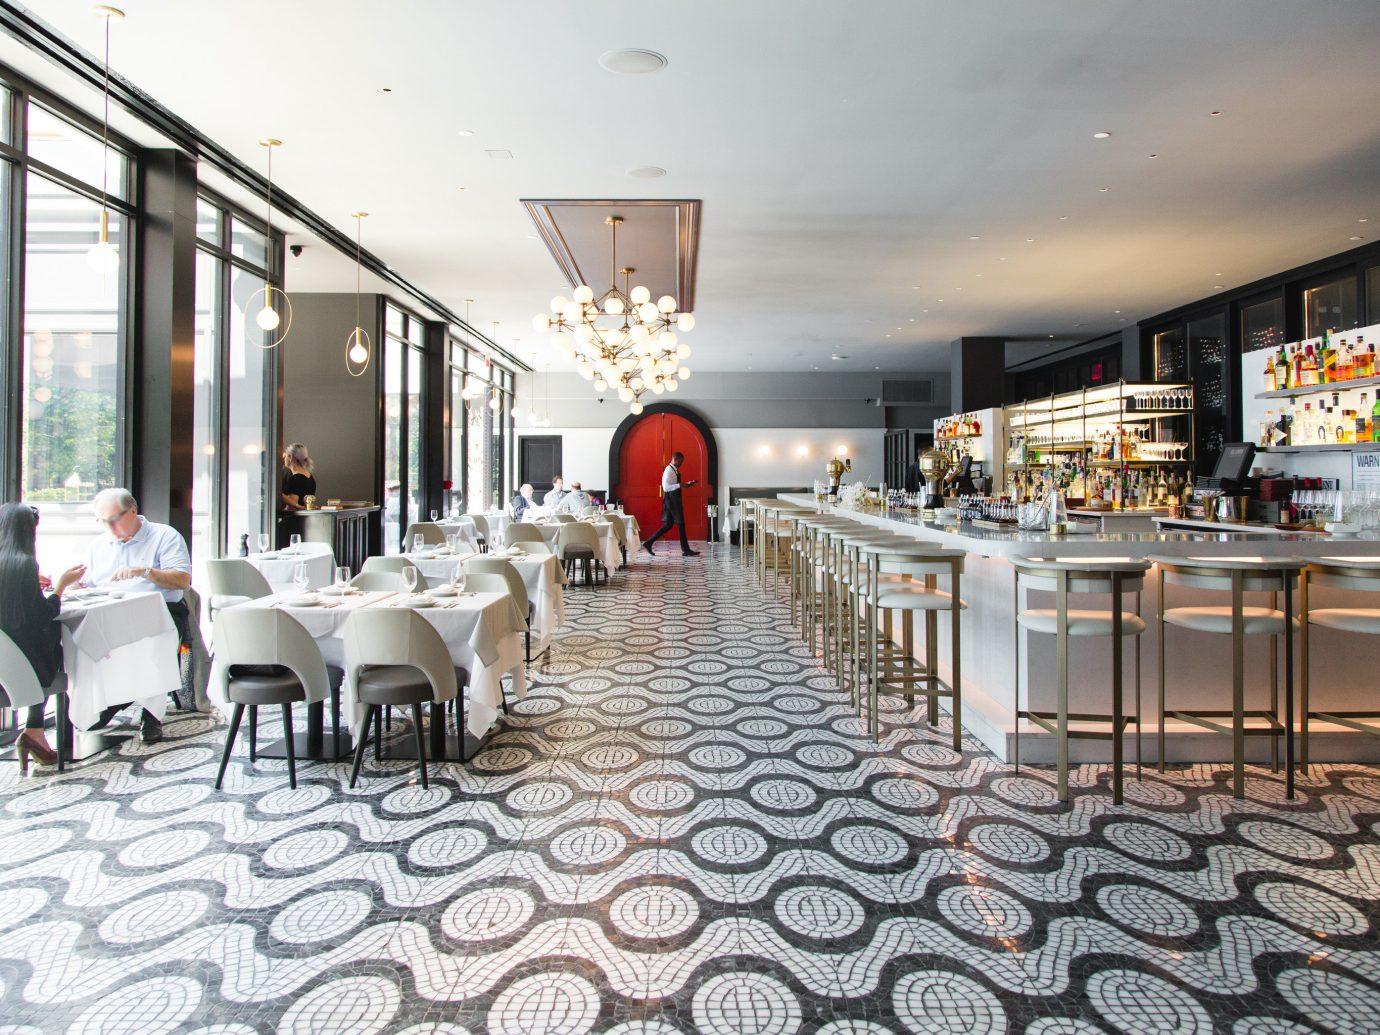 Food + Drink indoor restaurant Lobby ceiling interior design meal real estate estate Design area furniture several